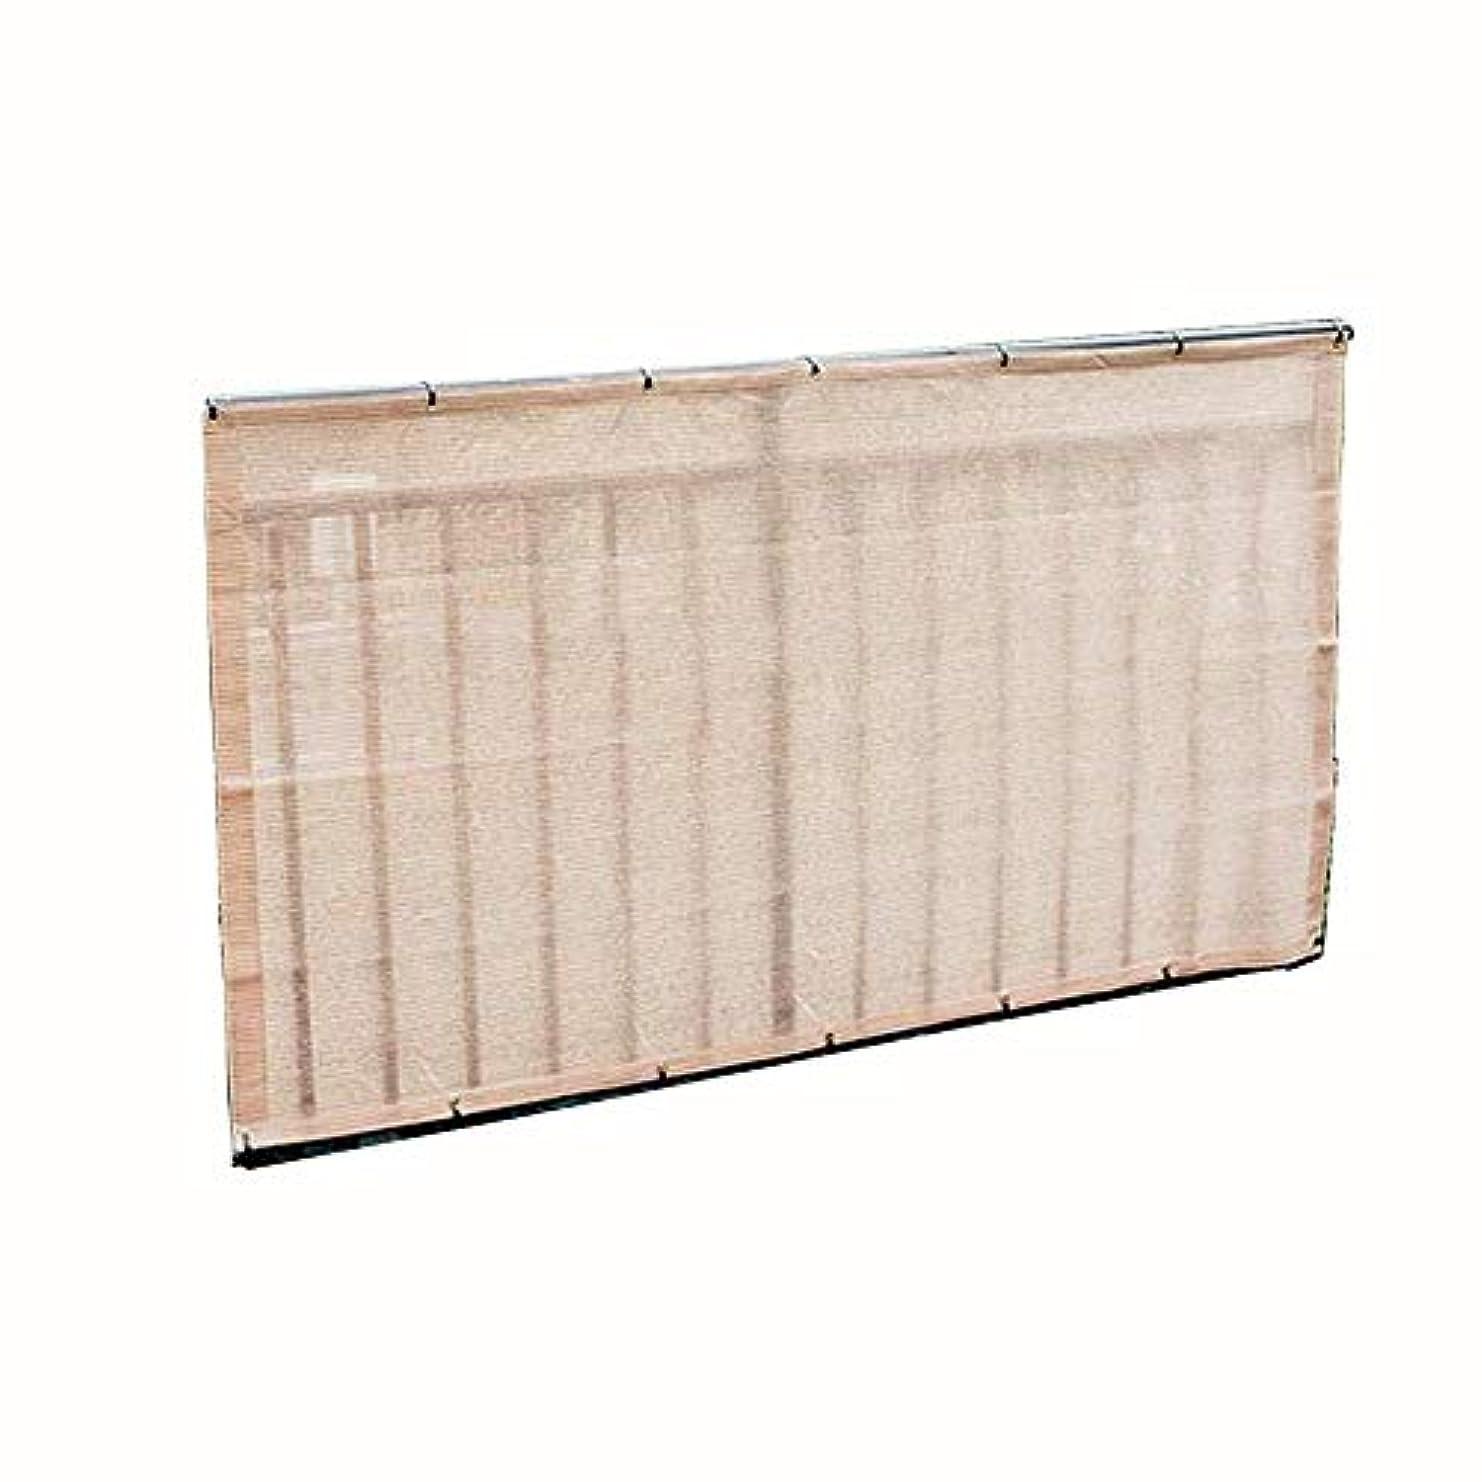 お茶パドルハントXIAOLIN 塀のプライバシースクリーン、真鍮の香りが付いている商業屋外の裏庭の陰のフロントガラスの網の生地 (色 : A, サイズ さいず : 270*90cm)